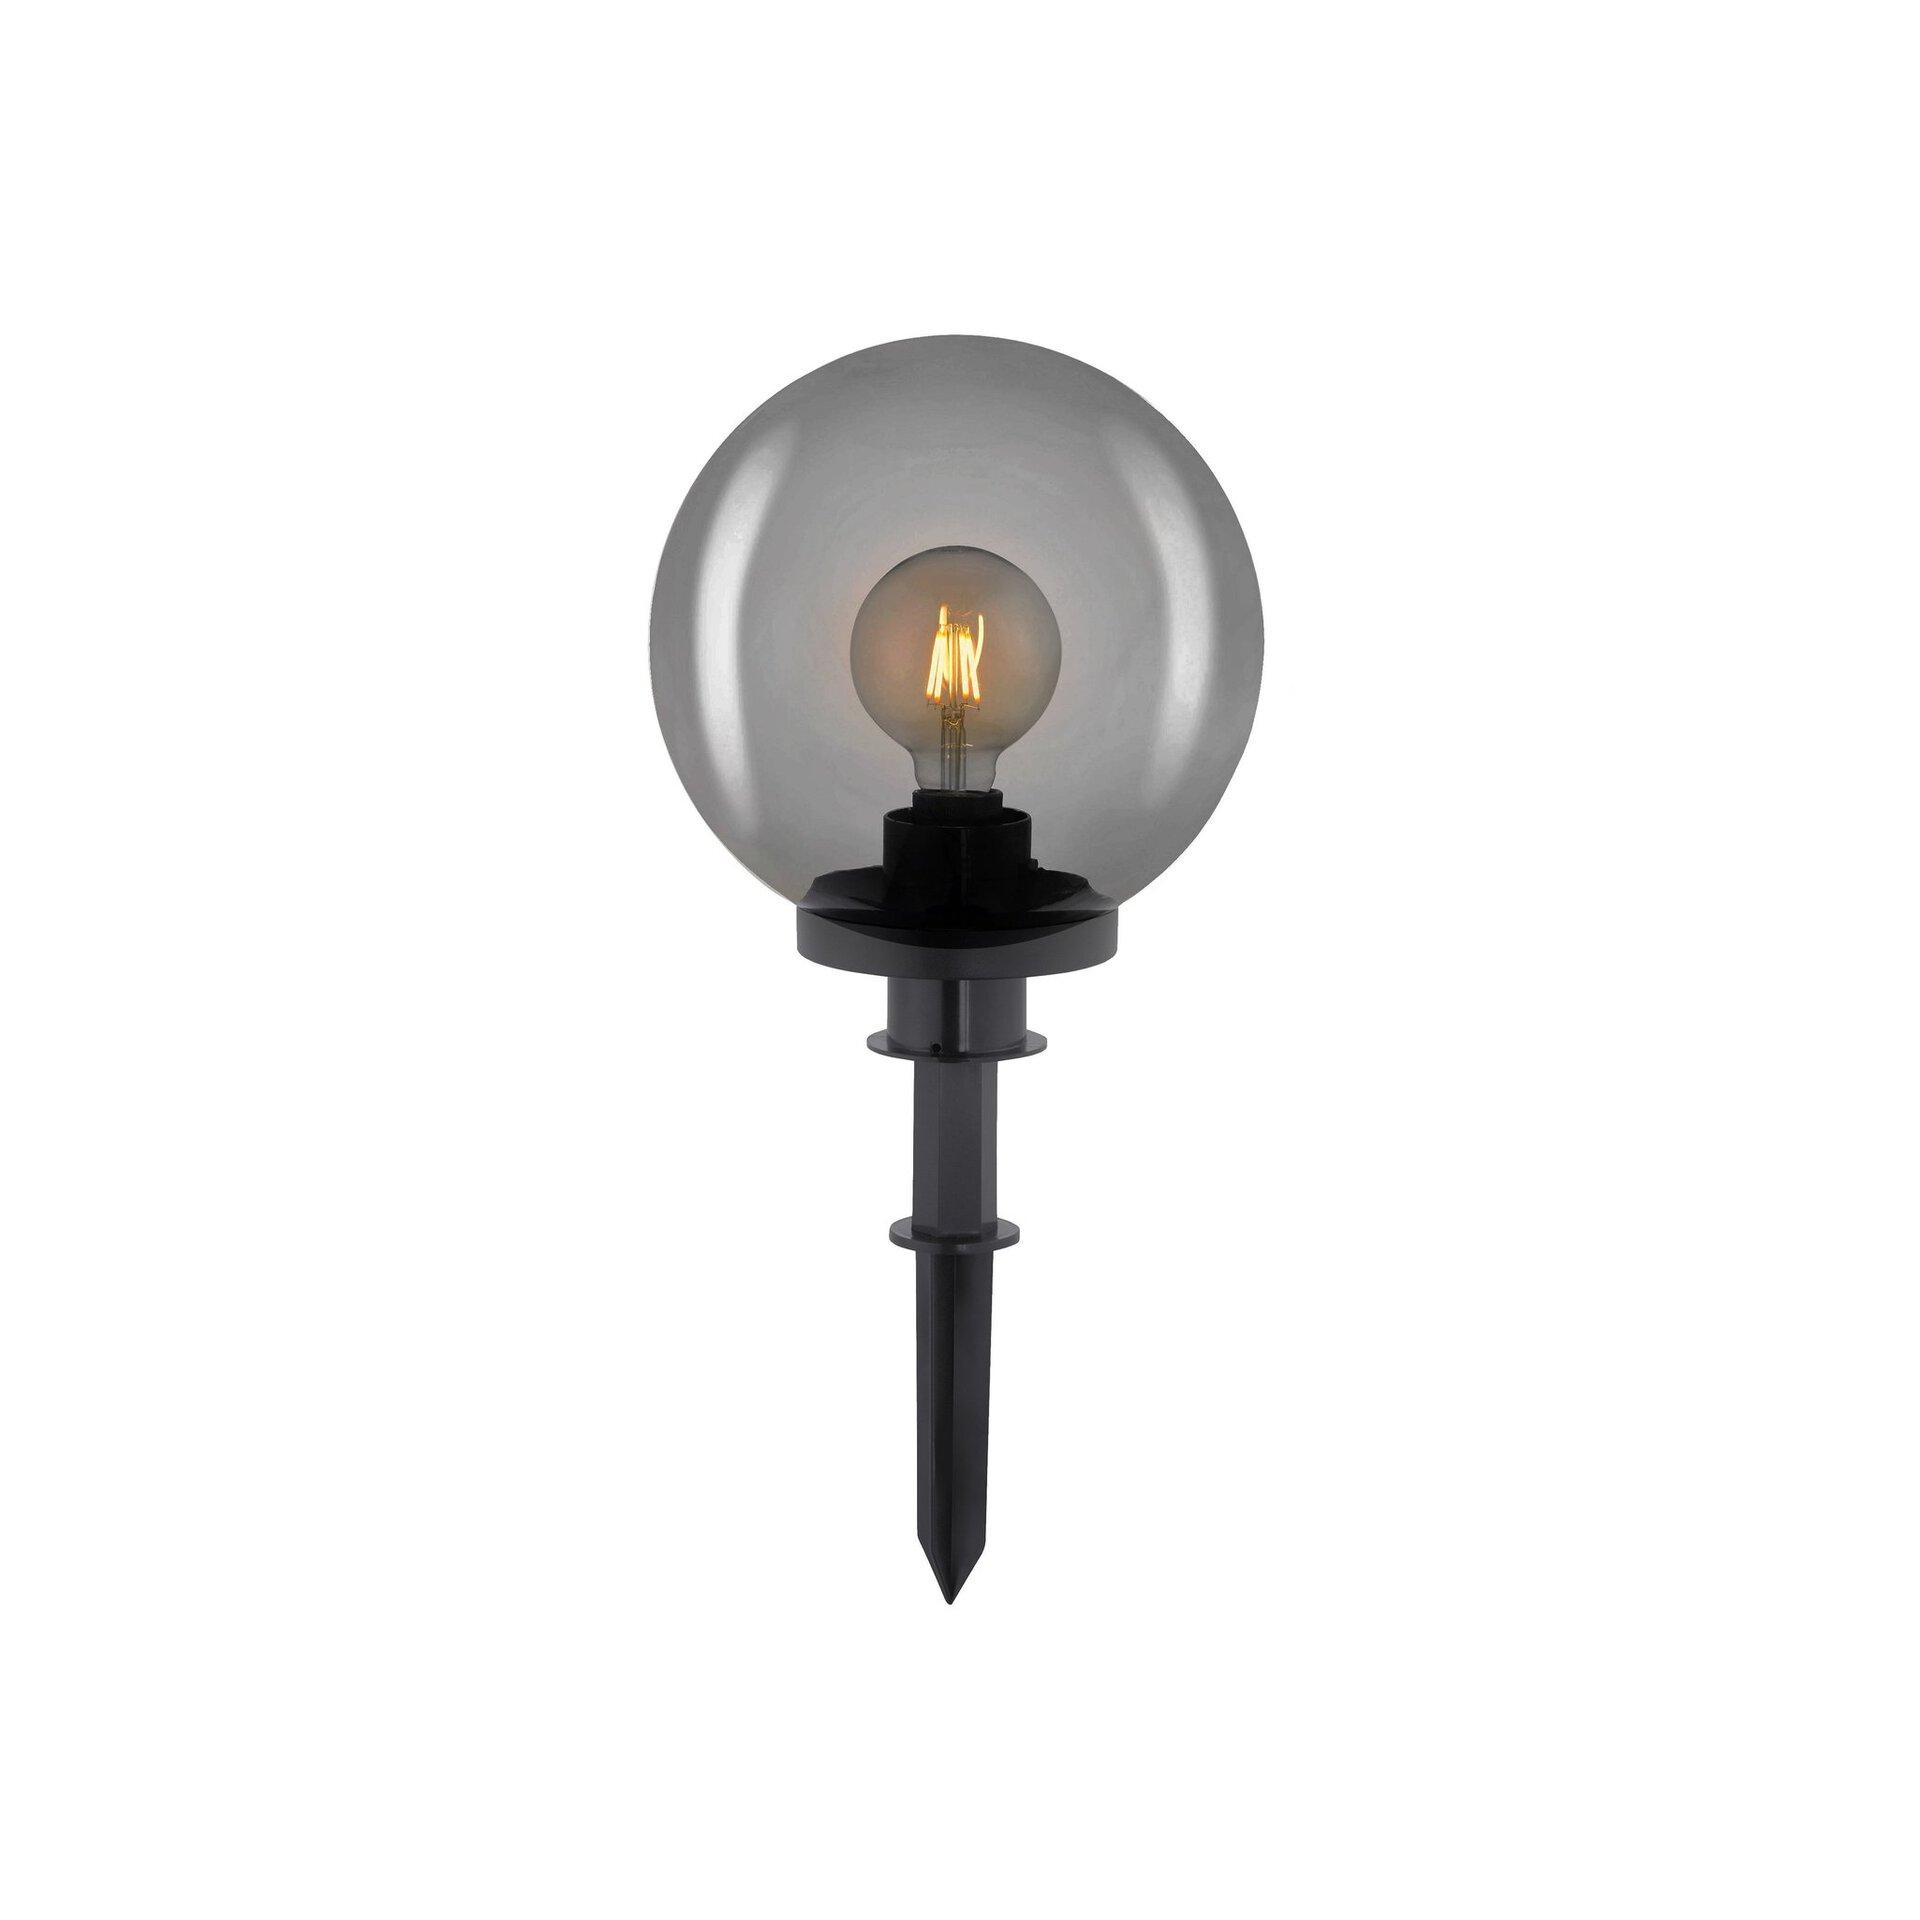 Wege-Außenleuchte KIRA Leuchtendirekt Metall schwarz 20 x 51 x 20 cm